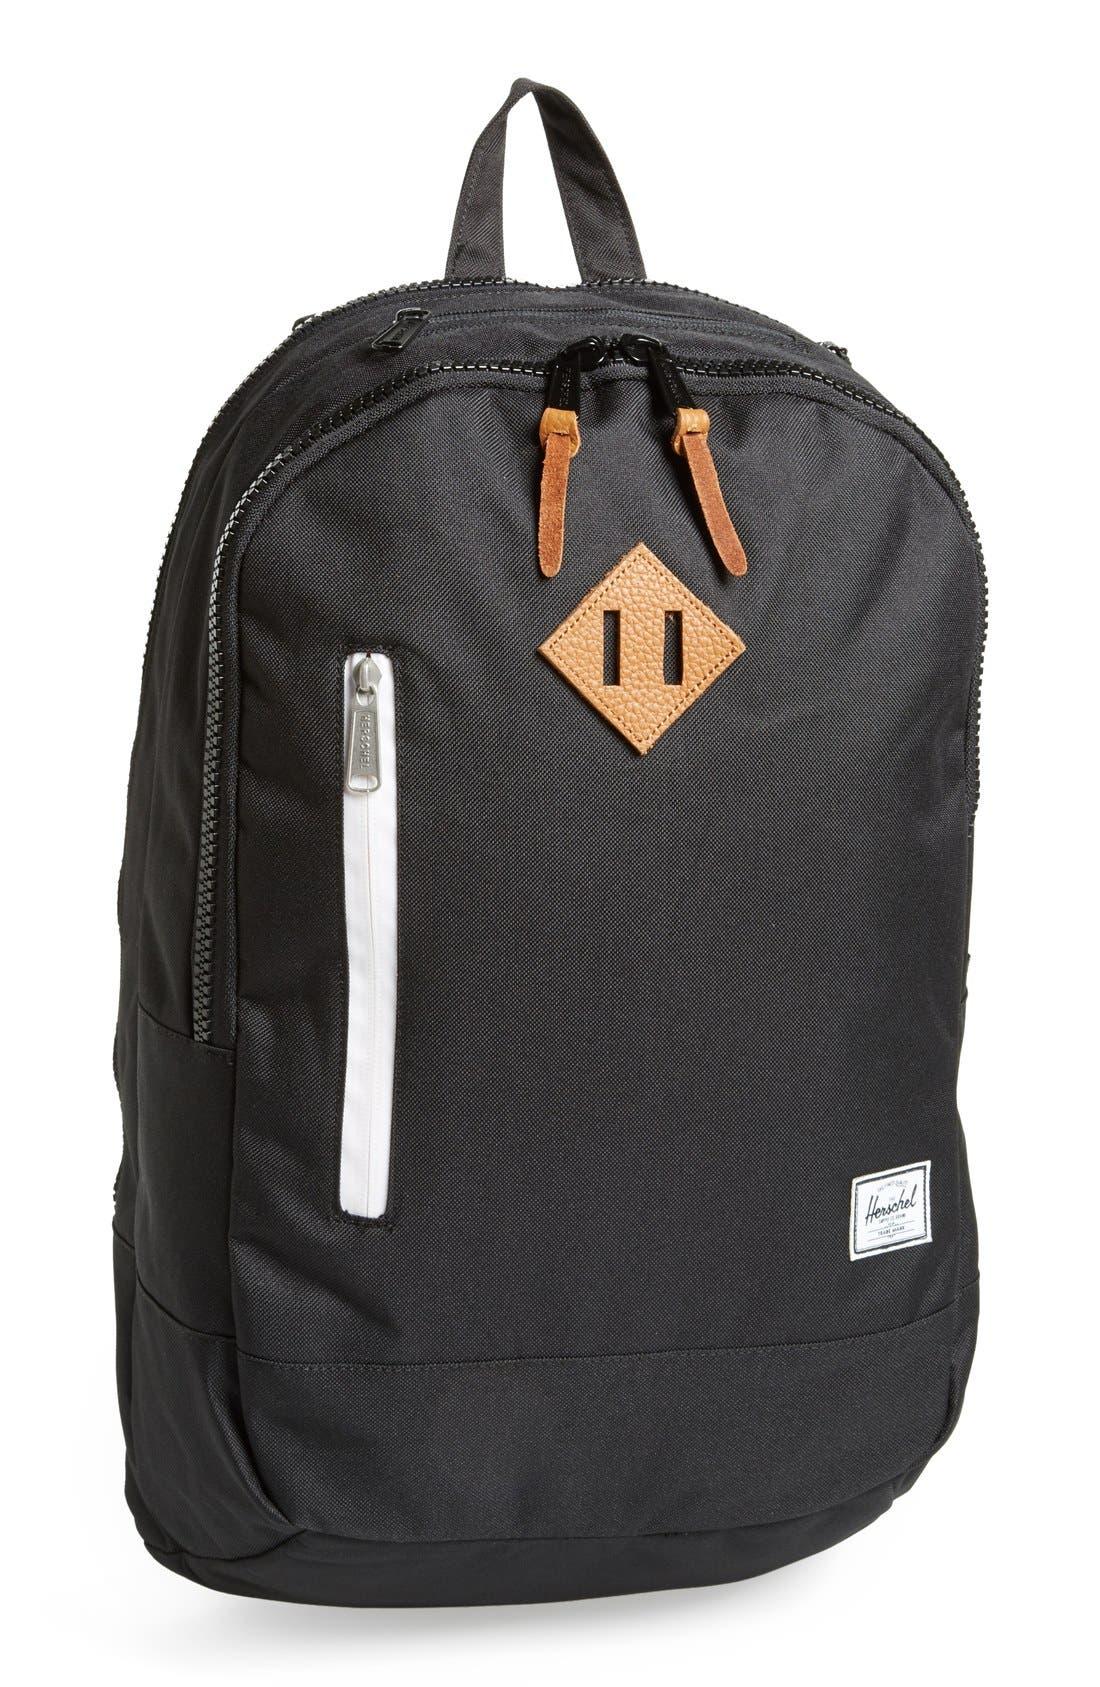 Alternate Image 1 Selected - Herschel Supply Co. 'Village' Backpack